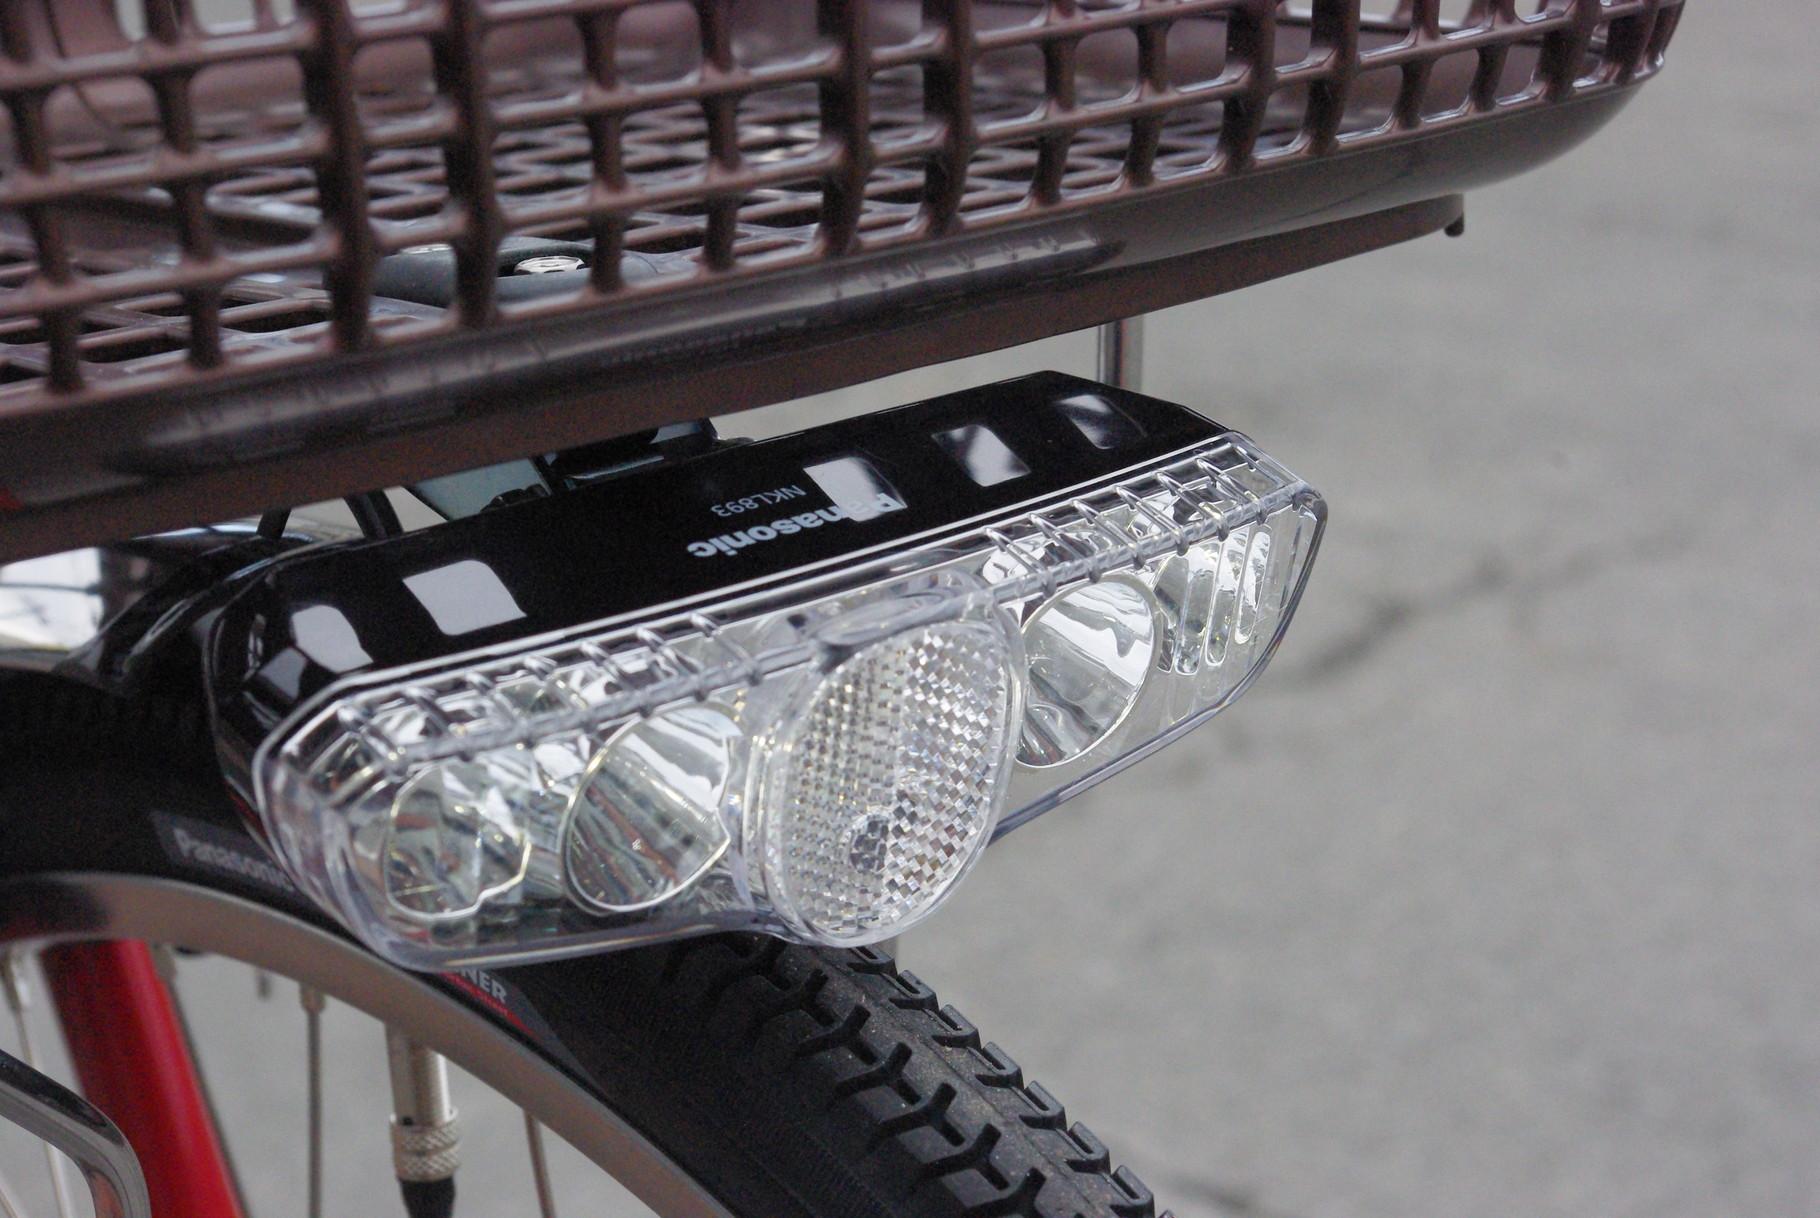 ワイド4LEDビームランプ。 暗くなると起動時に自動で点灯します。